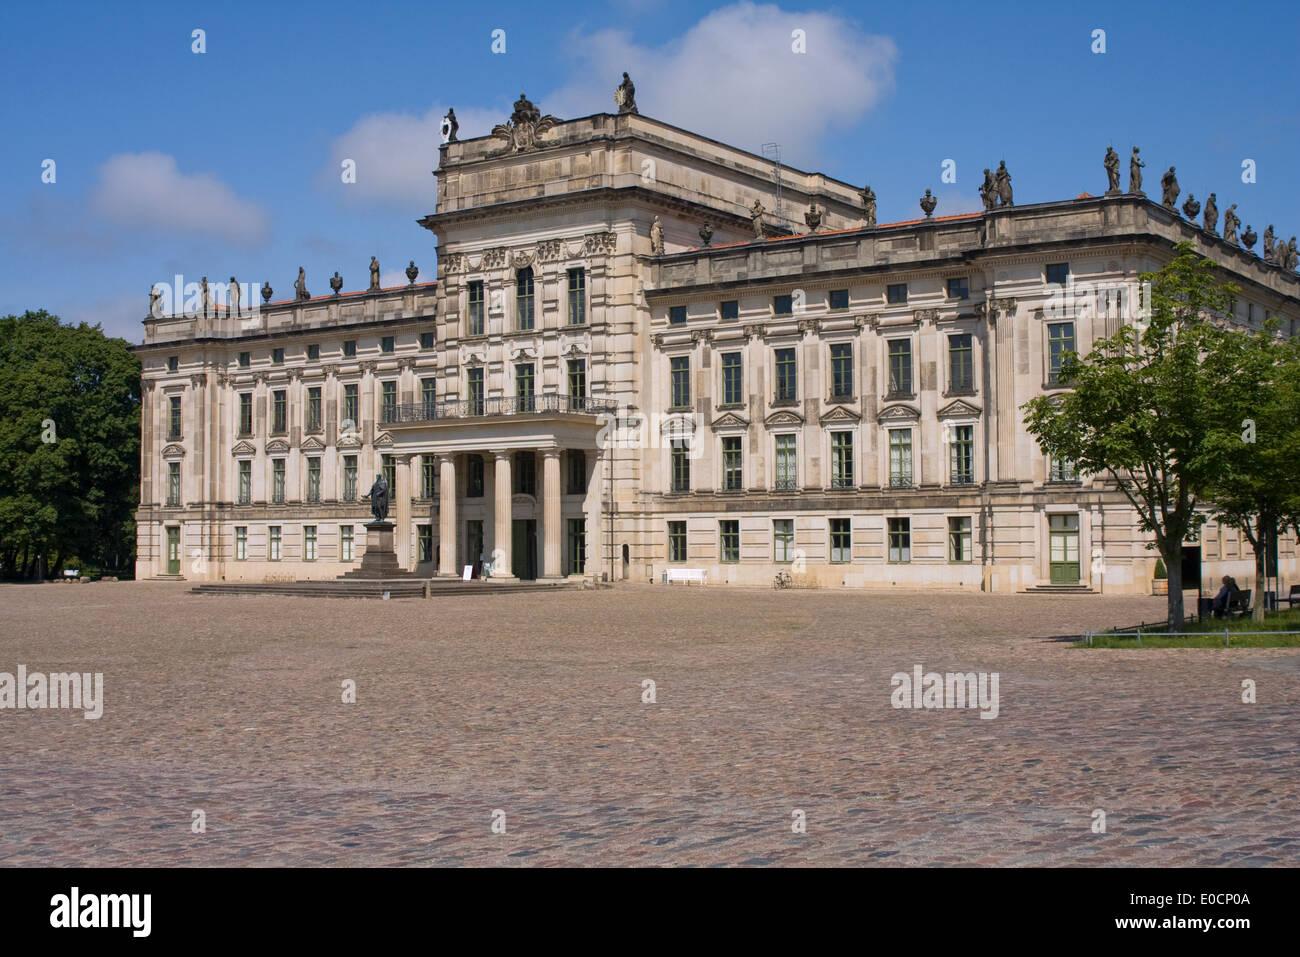 Europe, Germany,Mecklenburg-West Pomerania,Ludwigslust, Ludwigslust castle,Cityside - Stock Image